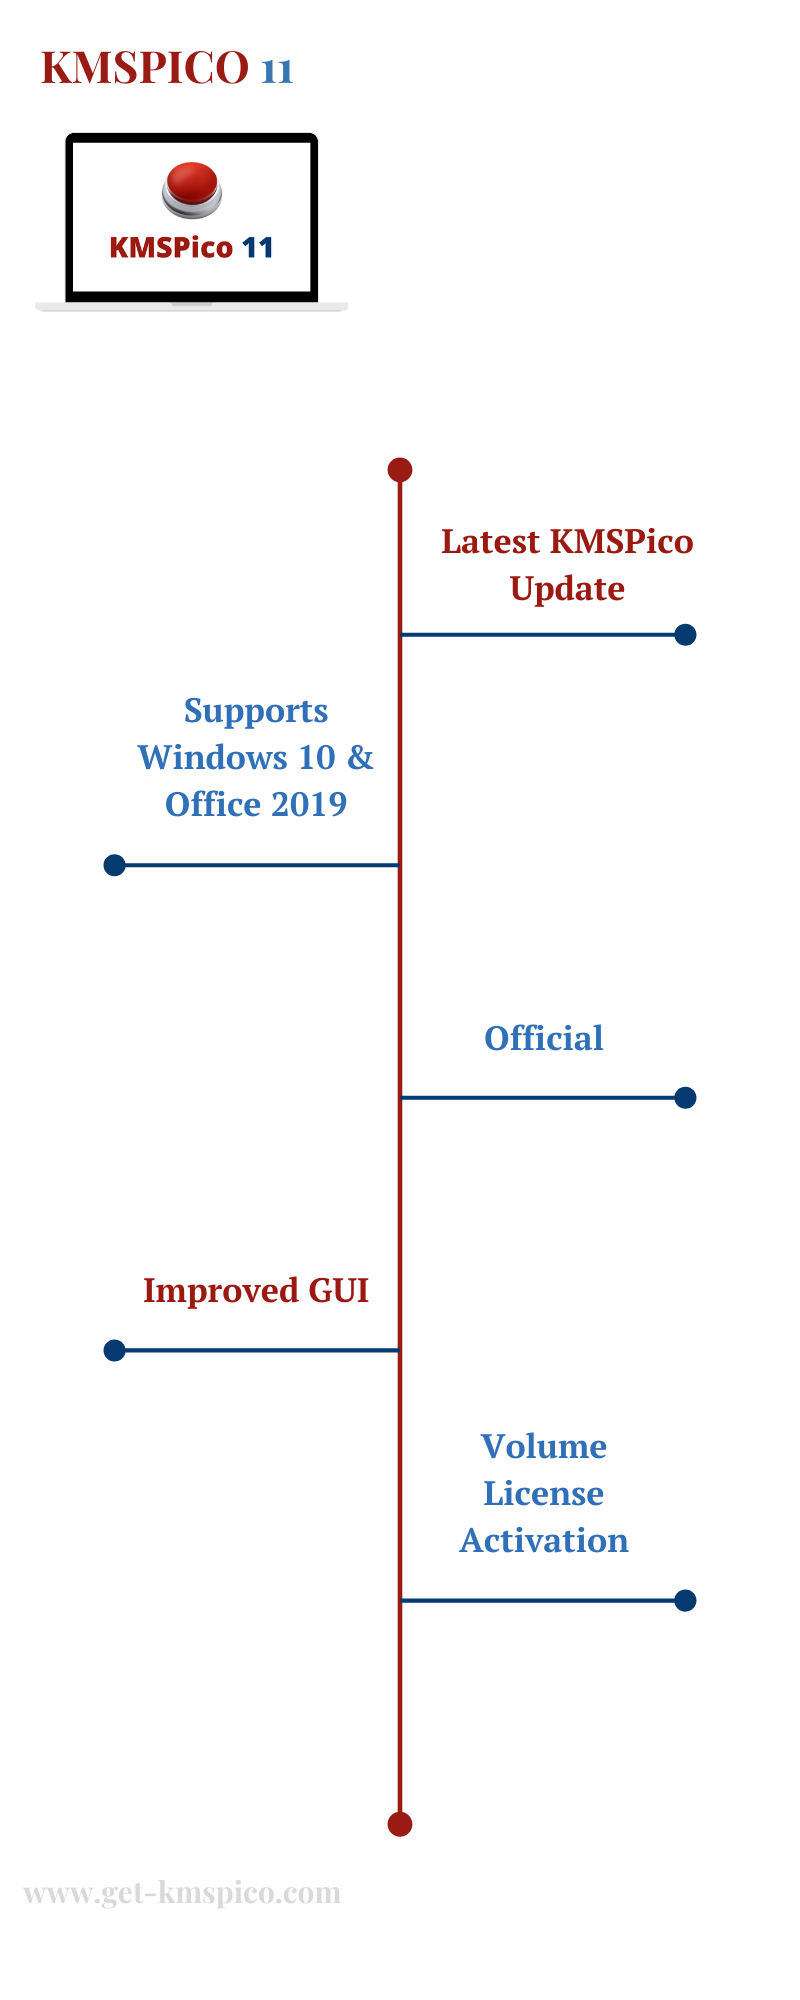 KMSPico-11-Infographic